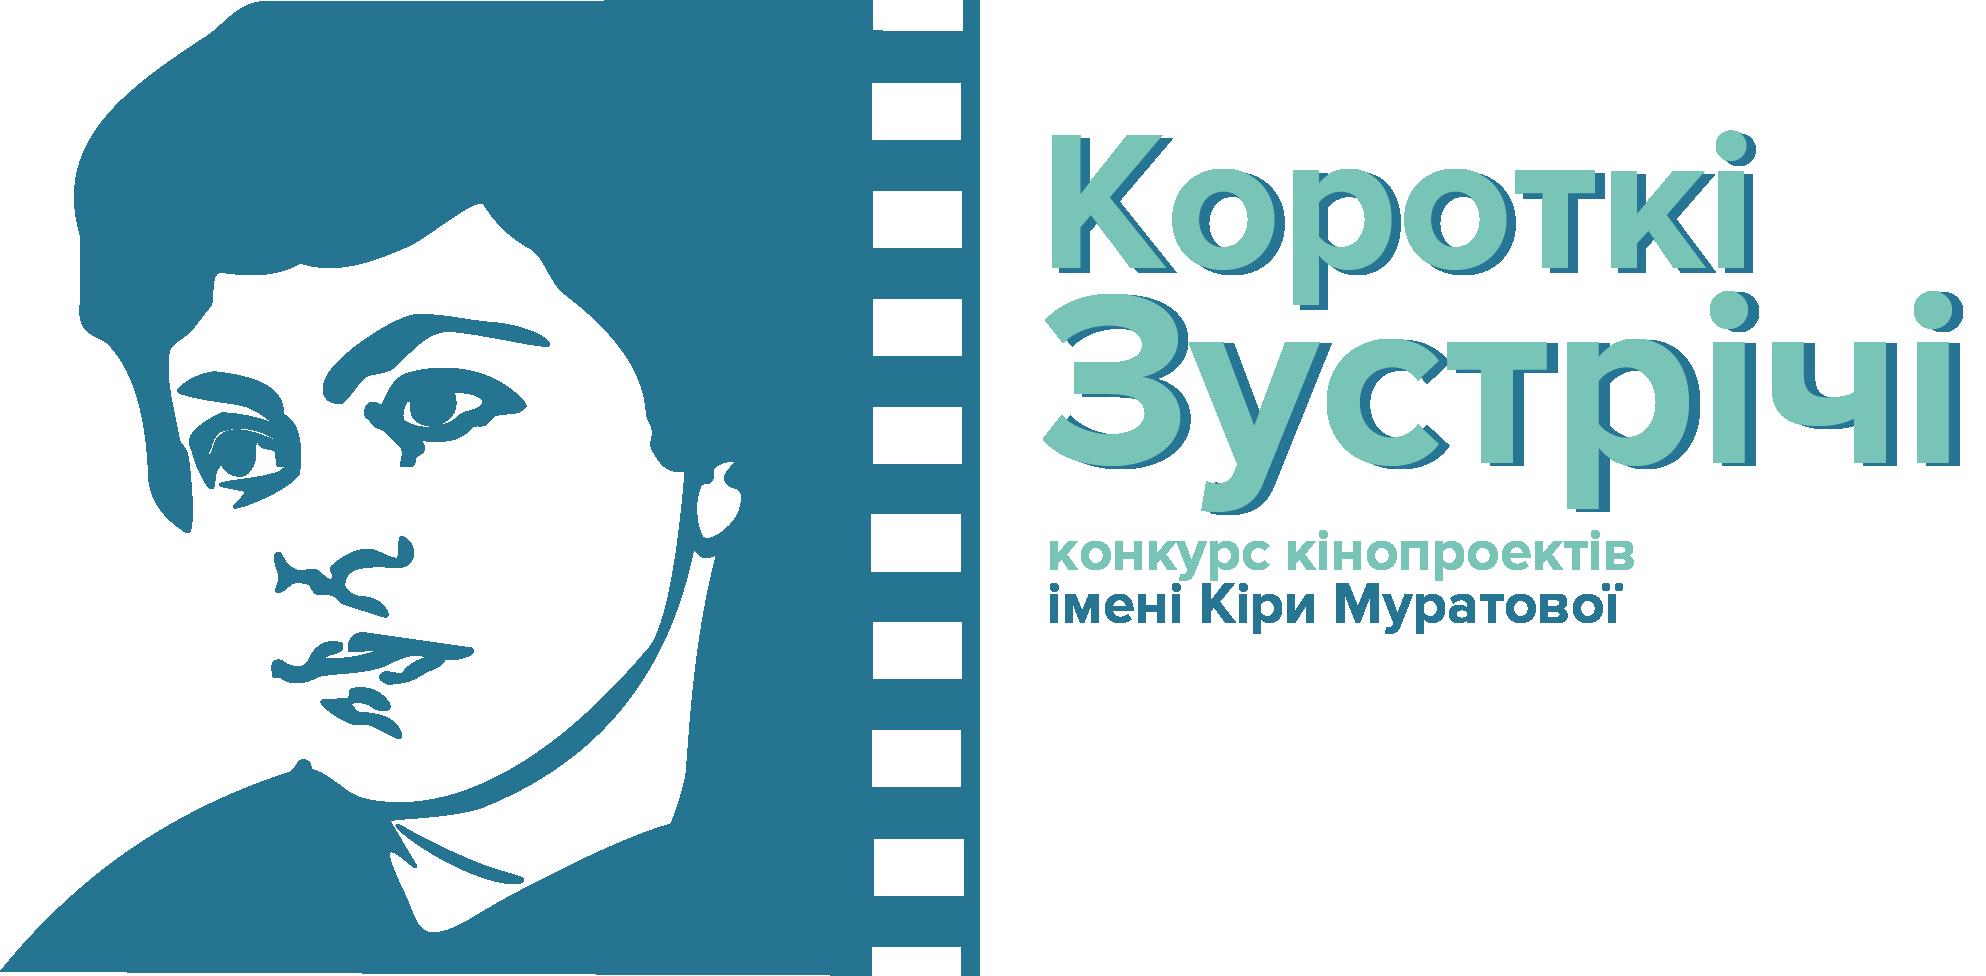 Одеська кіностудія розпочинає прийом заявок на конкурс короткого метру ім. Кіри Муратової